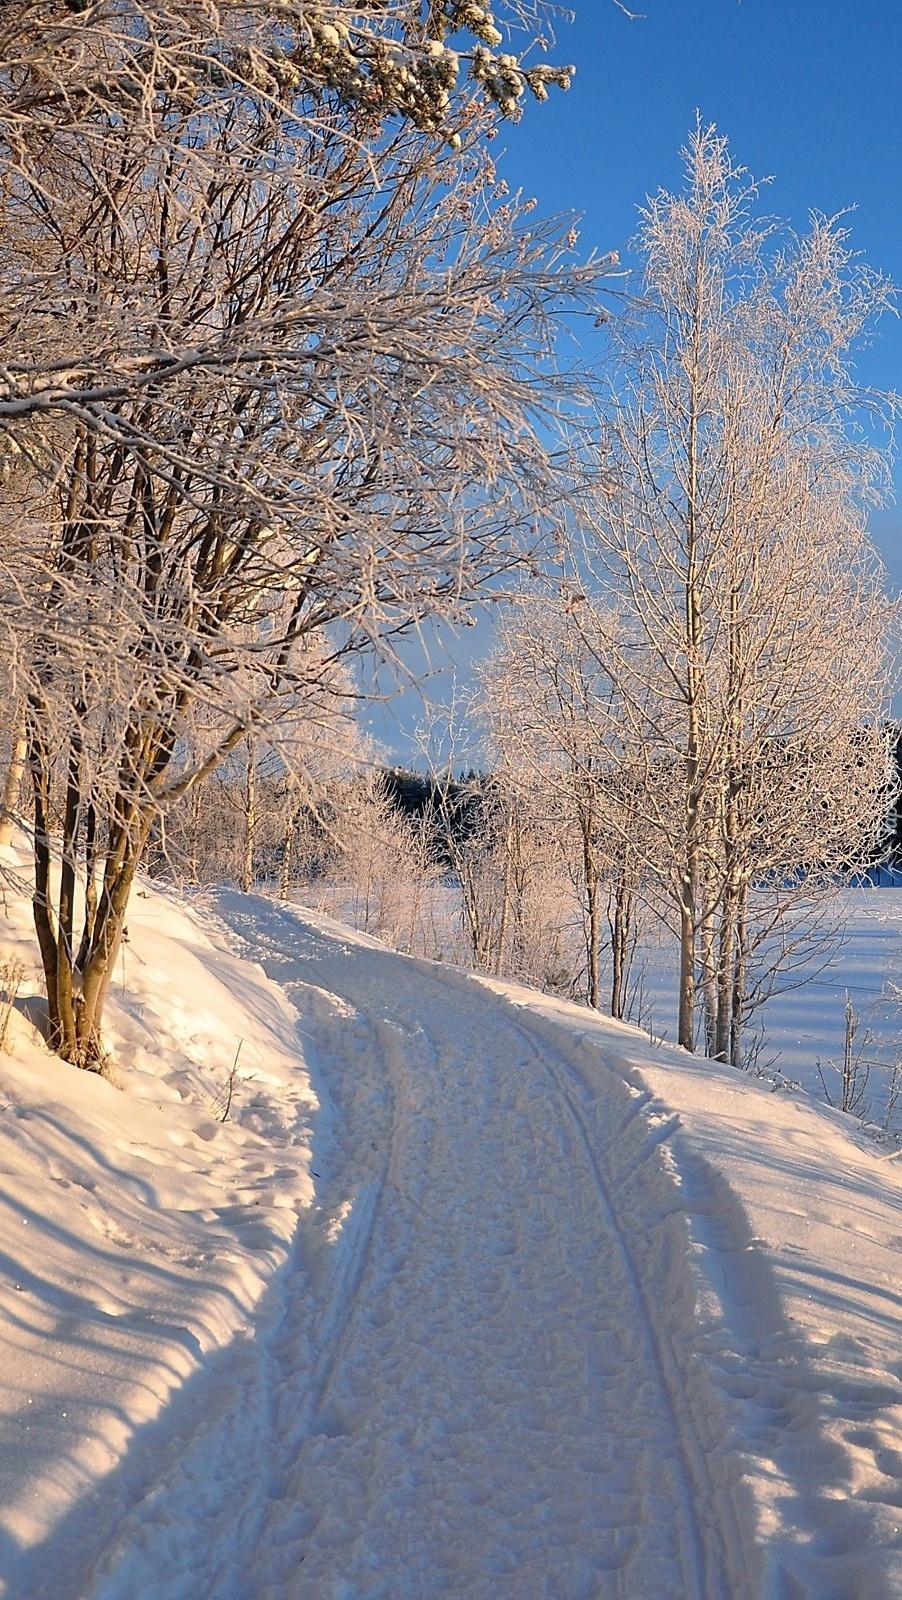 Oszronione drzewa nad zaśnieżoną drogą